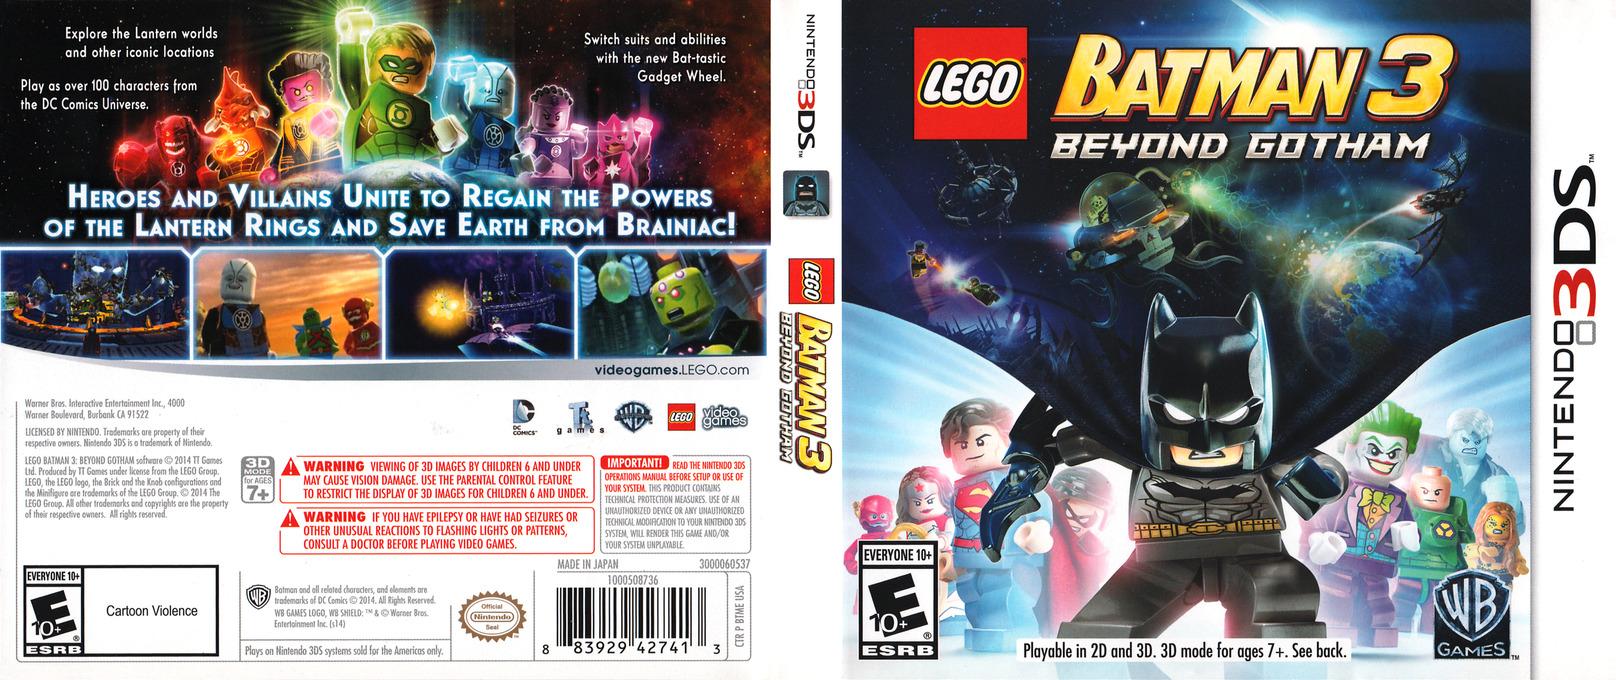 Lego Release 2018 >> BTME - LEGO Batman 3 - Beyond Gotham